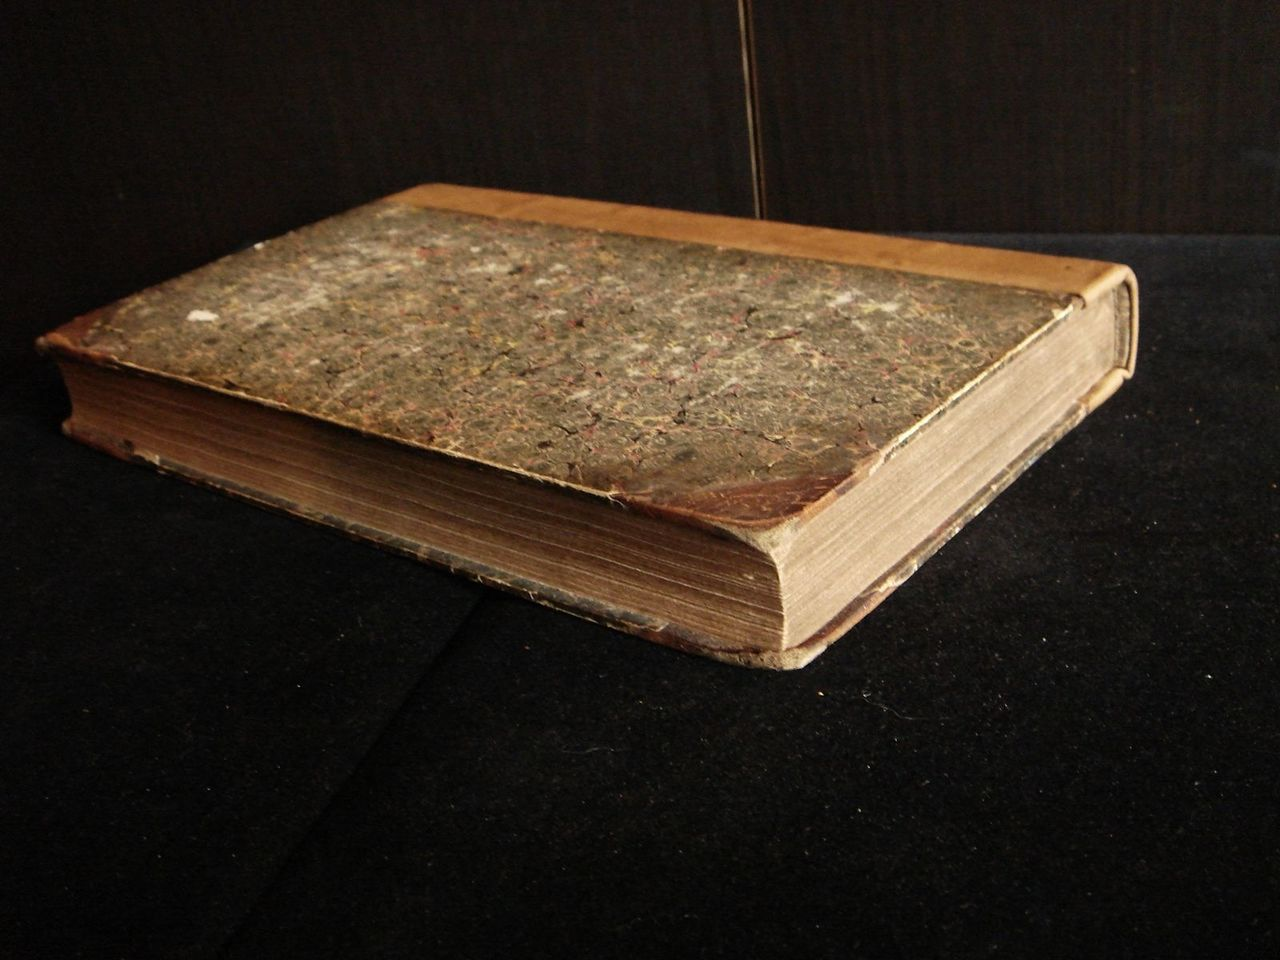 THE SPORTING MAGAZINE, Bound: v.17, by J. Pittman with Nimrod - 1825-1826 [rebacked]